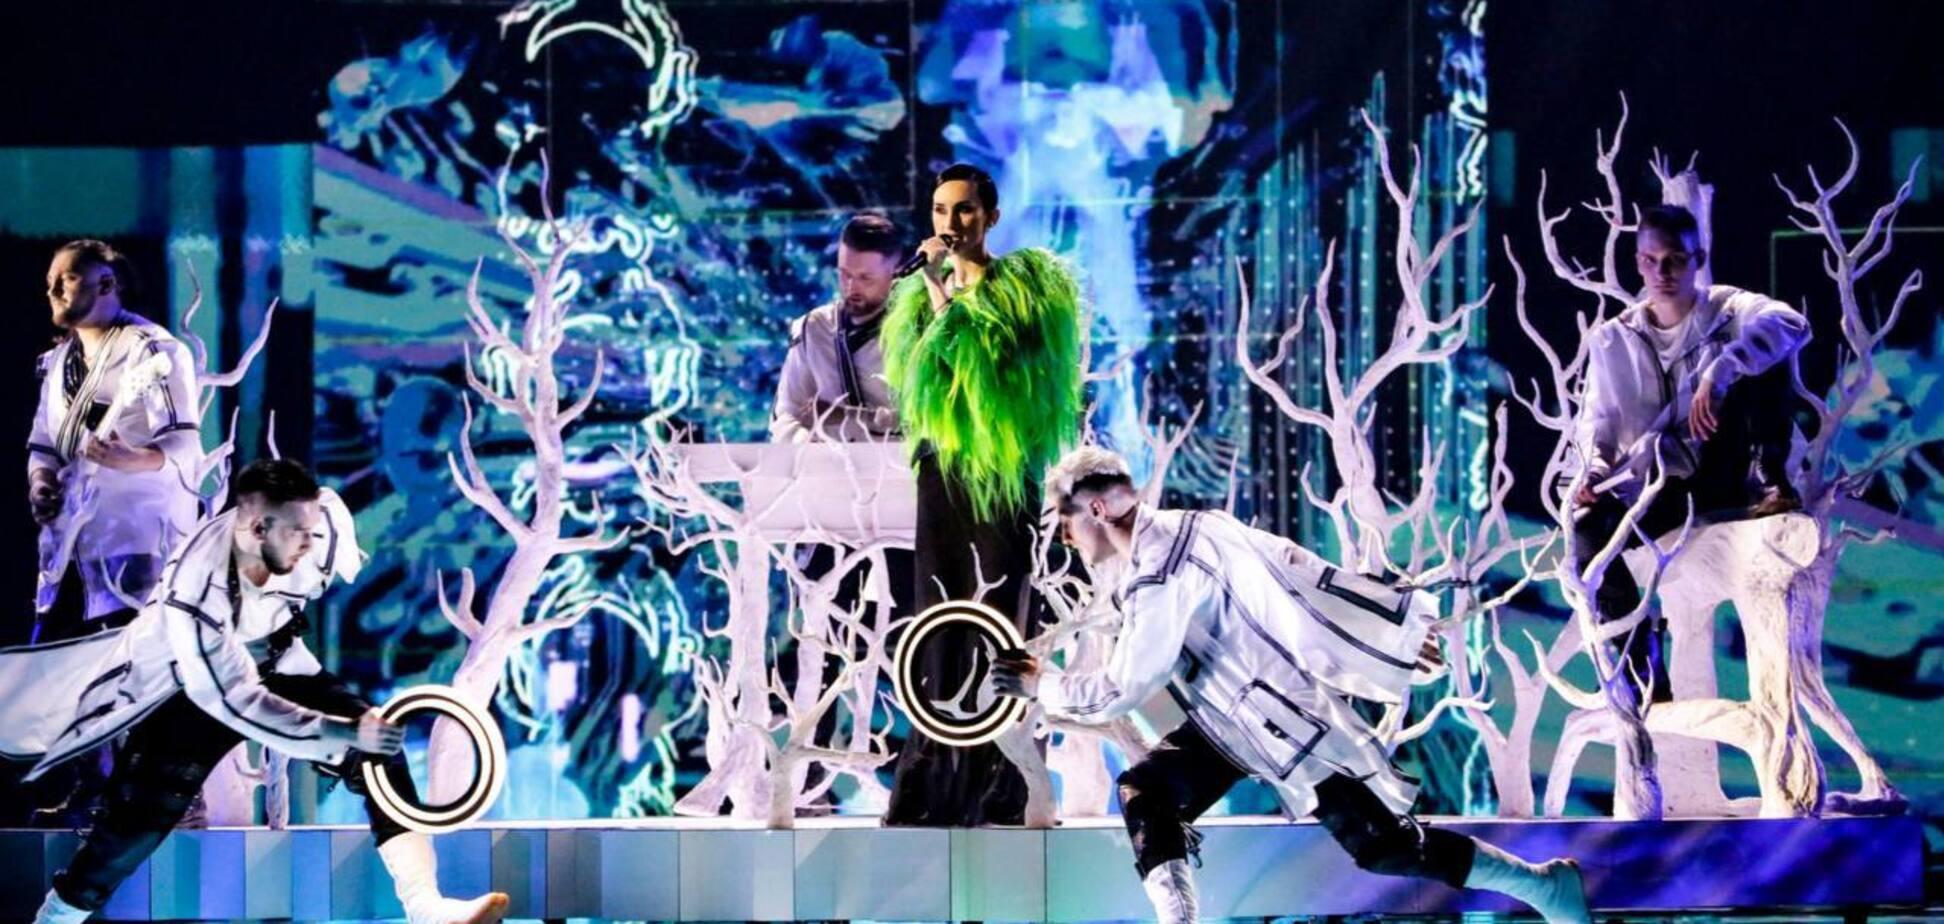 Go_A выступят на Евровидении с песней SHUM